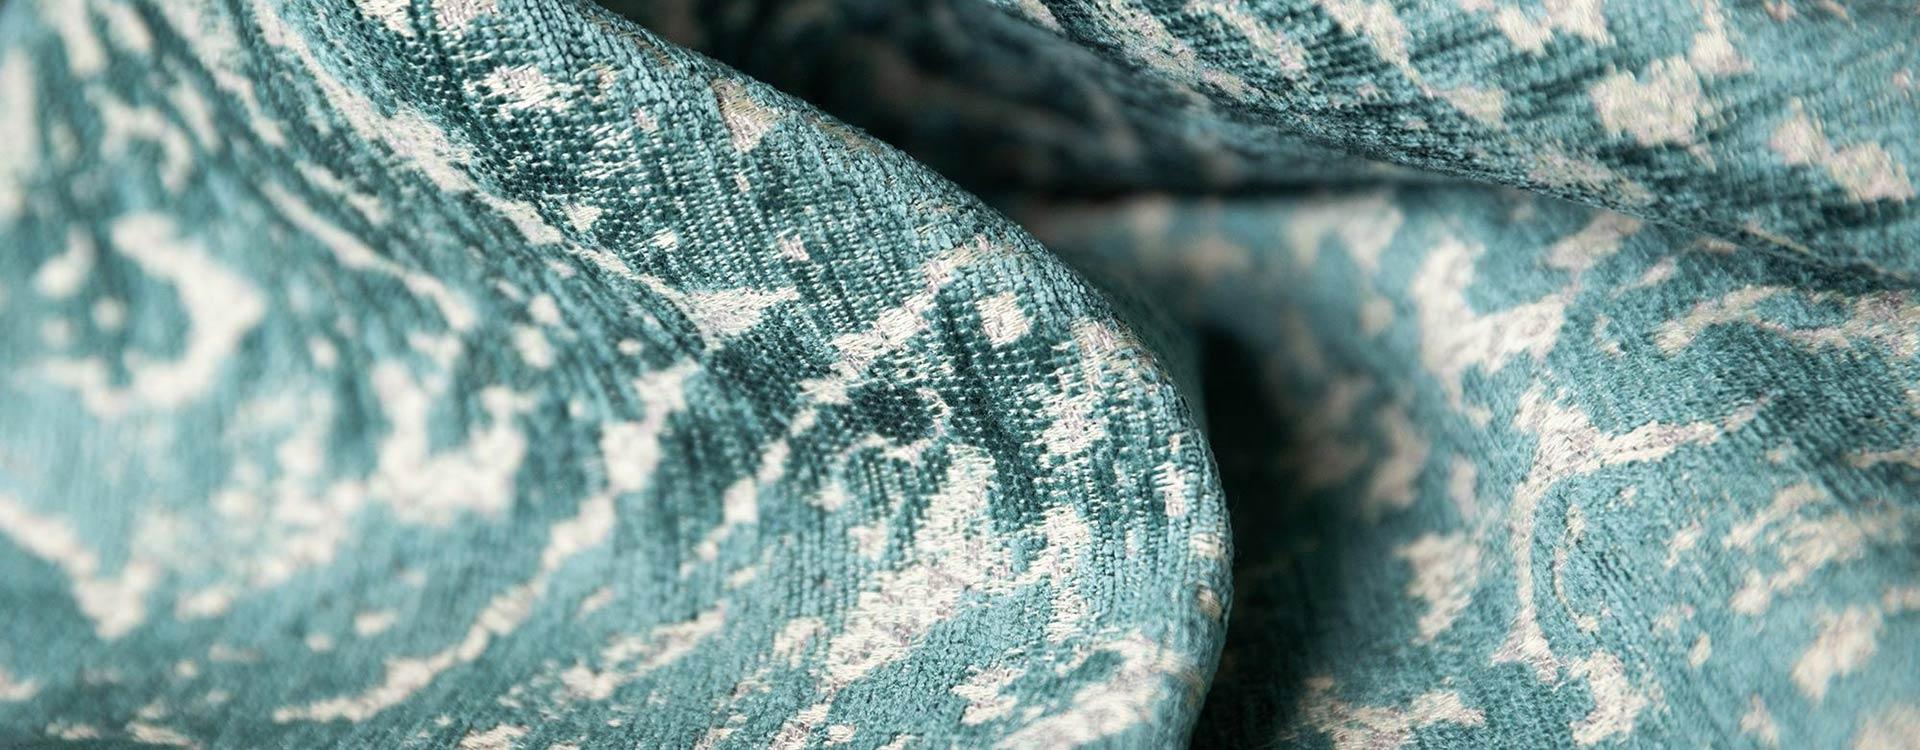 Ексклюзивні меблеві тканини Divotex